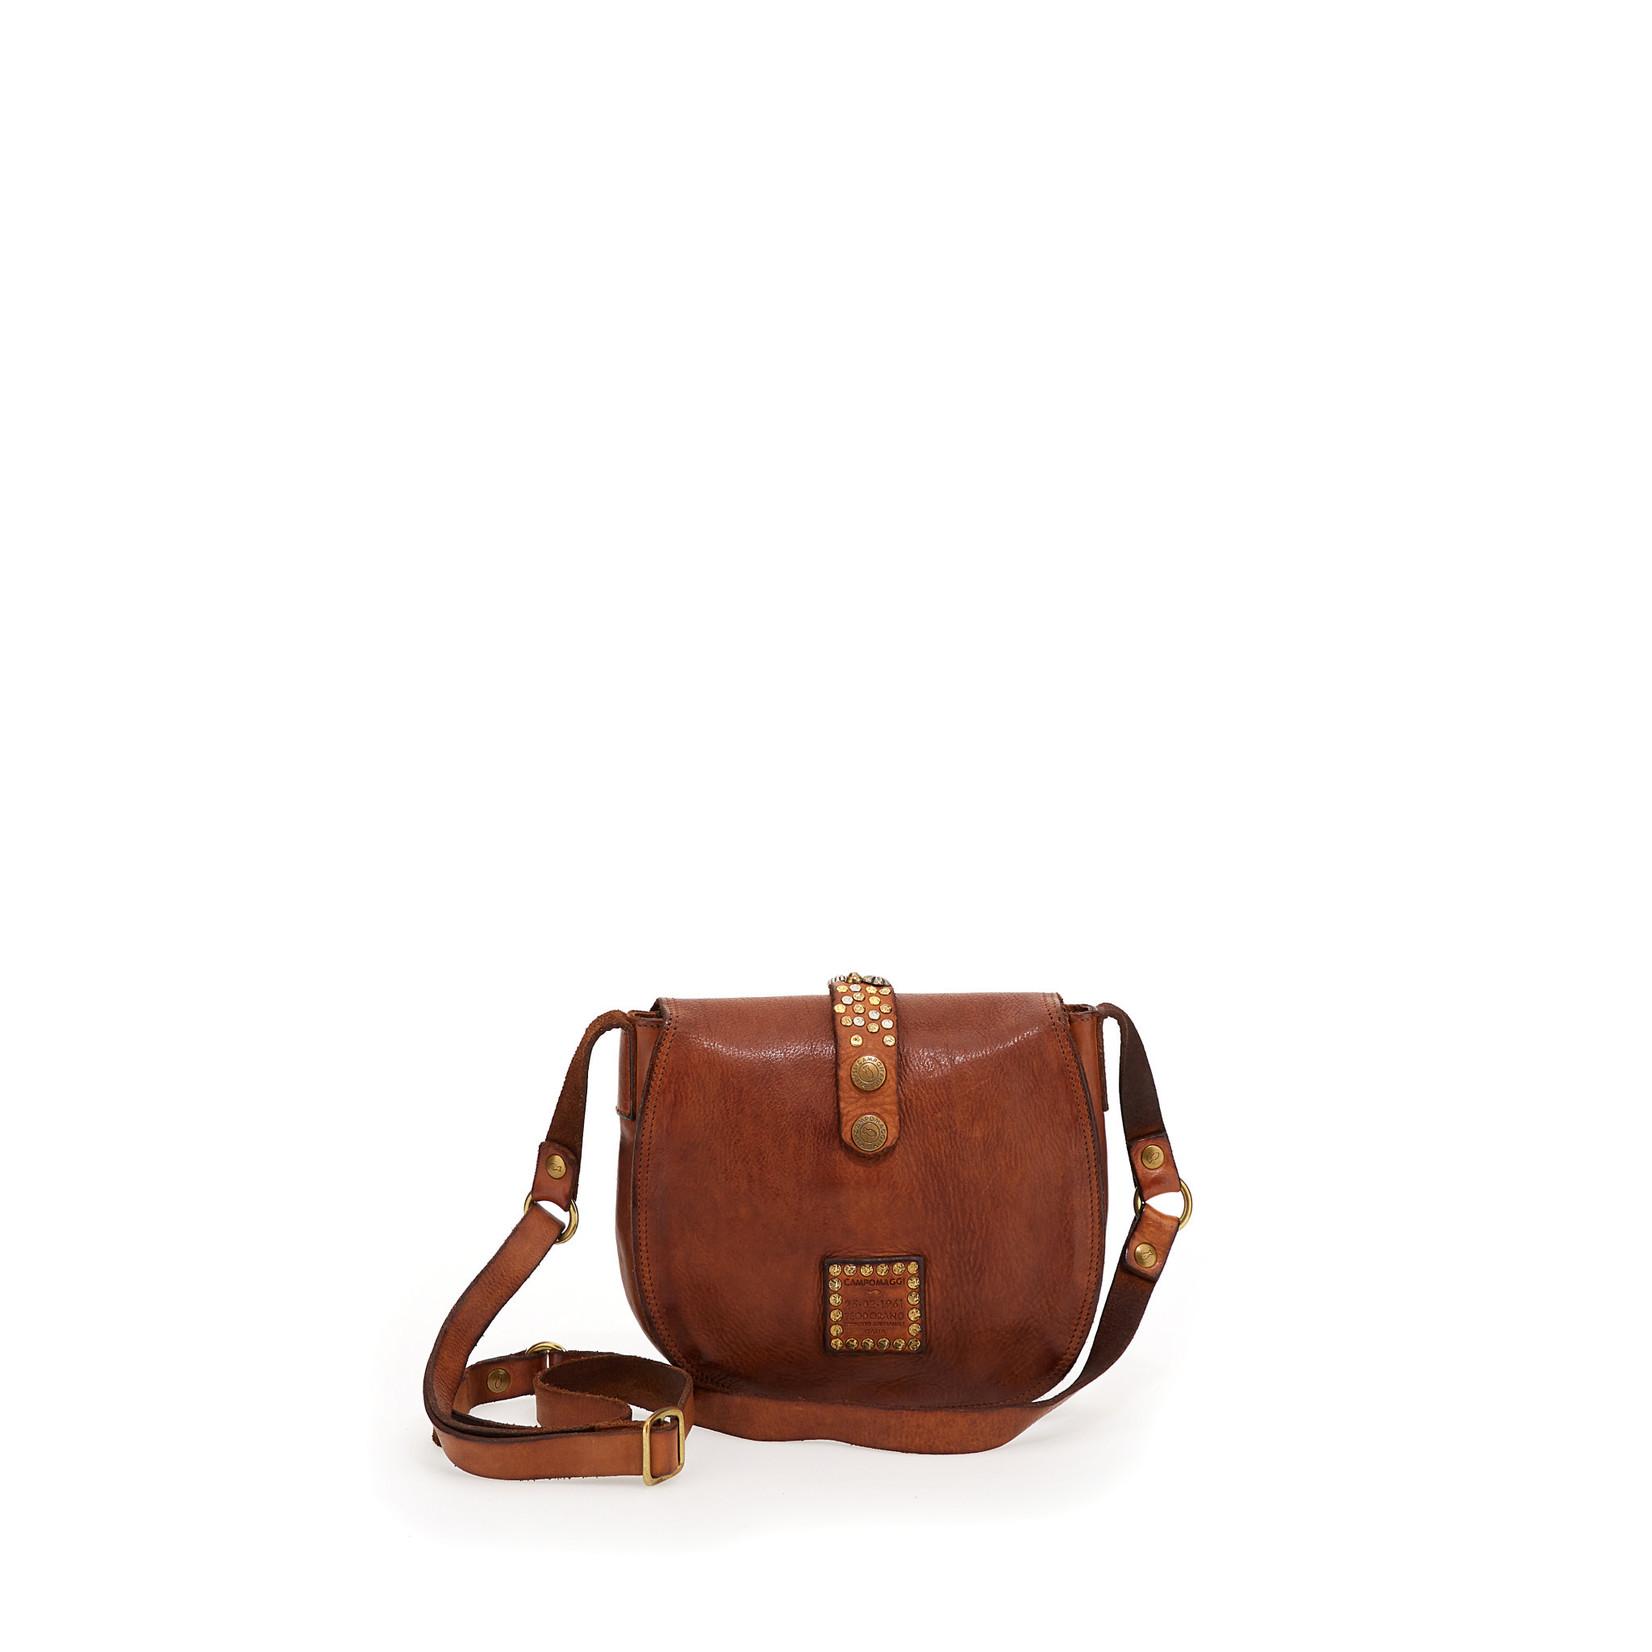 Campomaggi Crossbody Bag Small Cognac